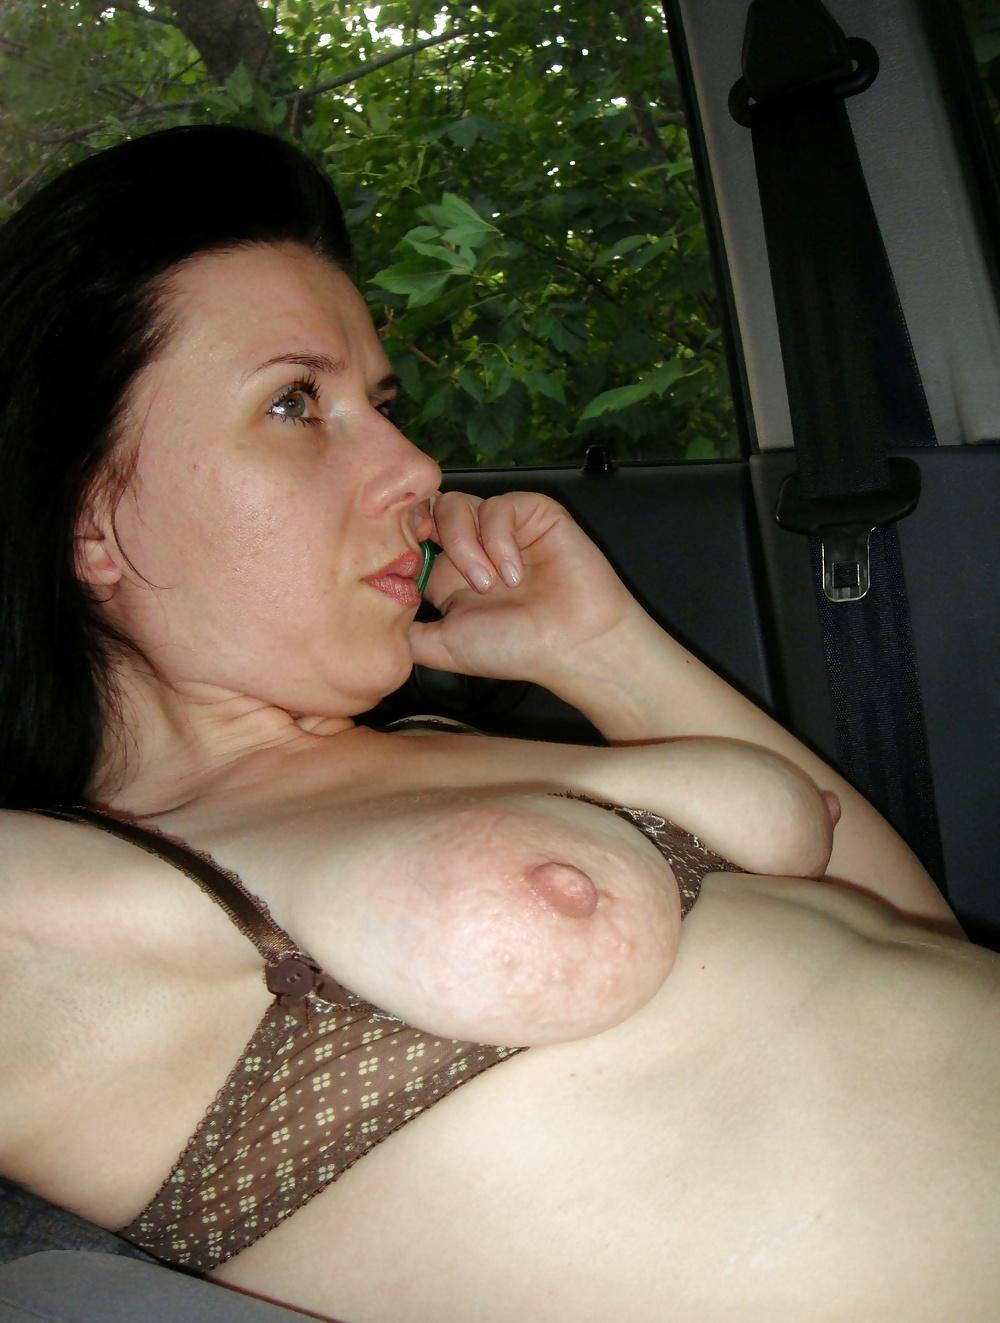 показала грудь мать порно